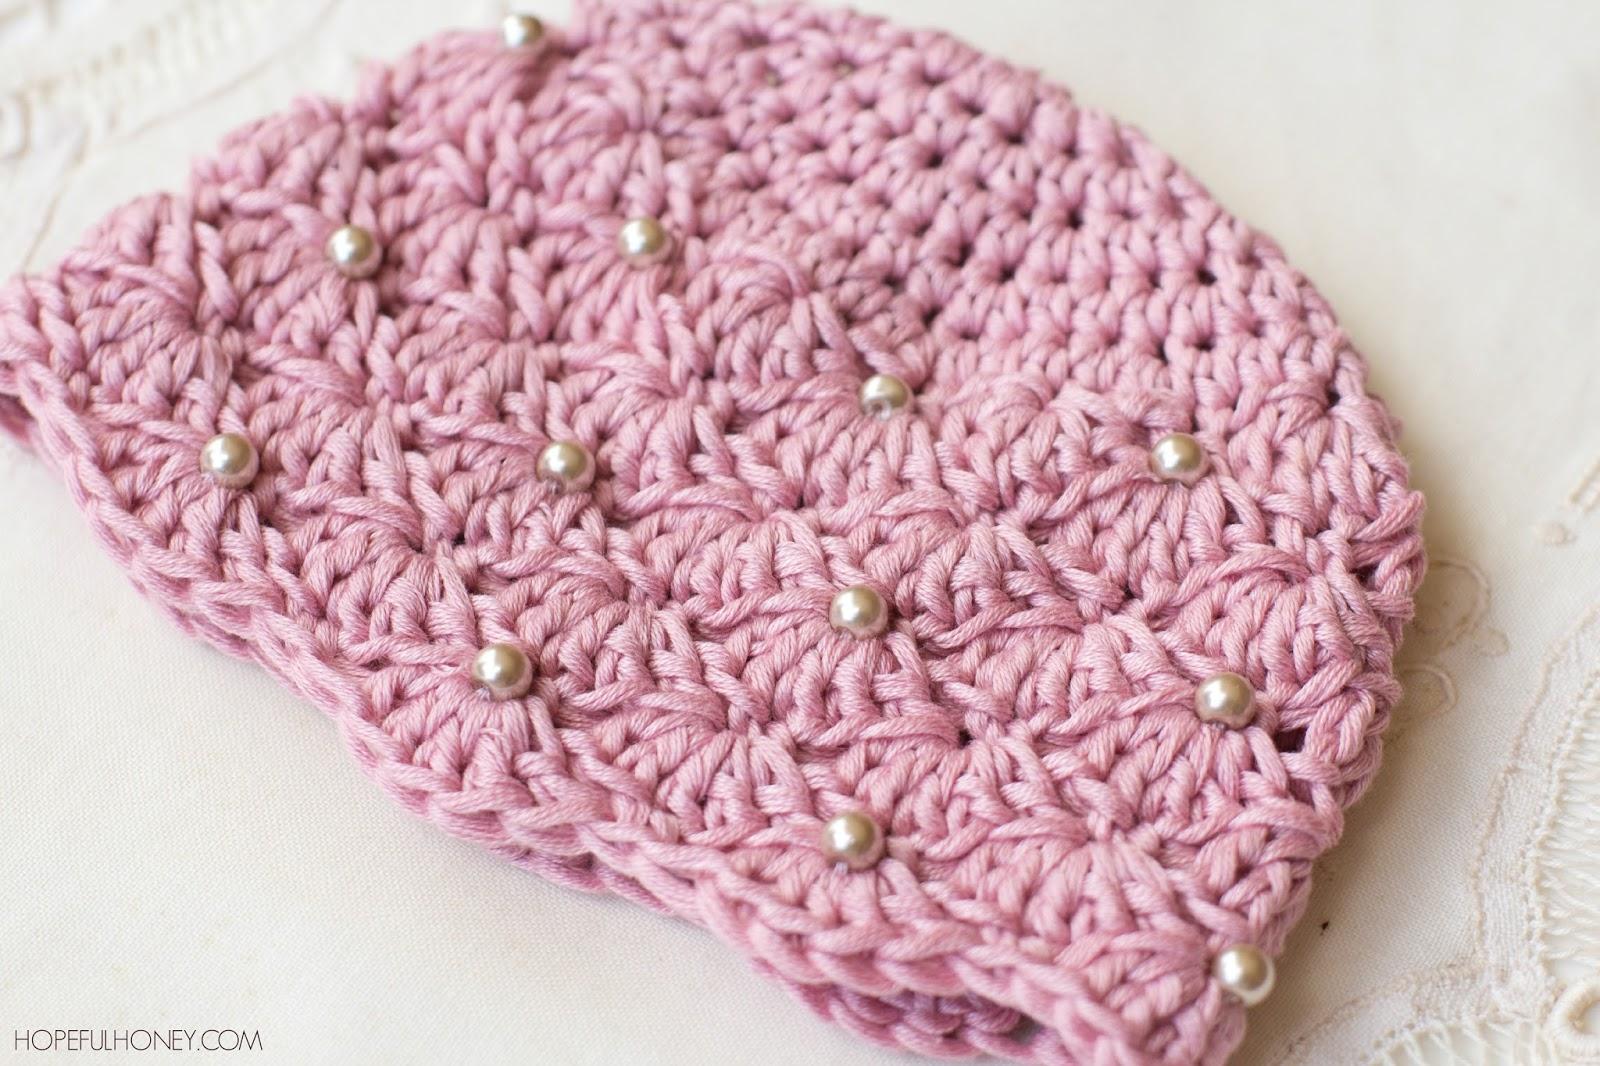 crochet baby beanie pattern vintage pearl baby hat - free crochet pattern TRENJJJ